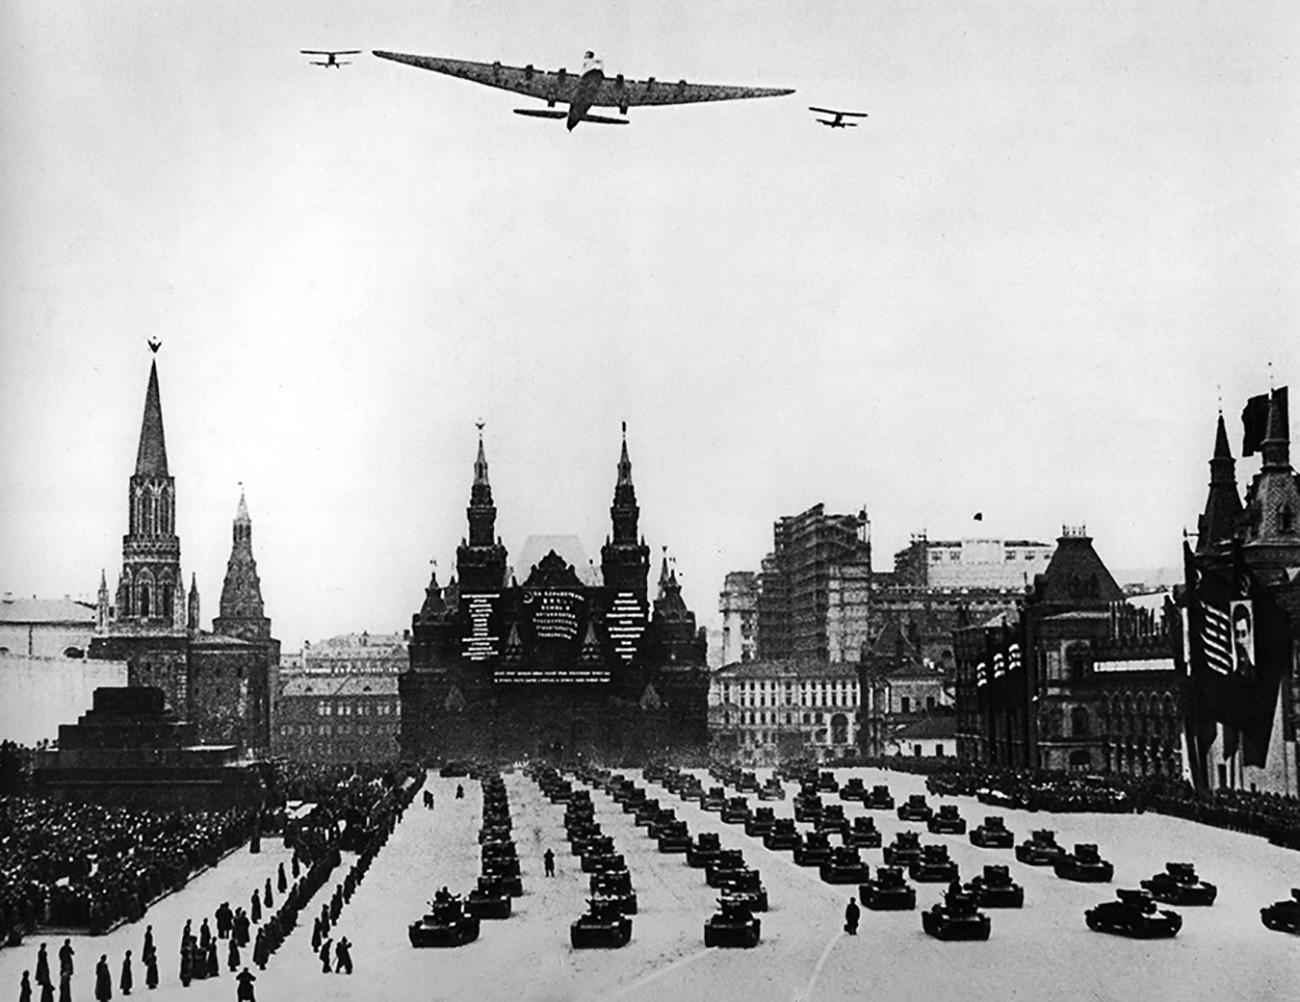 マキシム・ゴーリキー号は赤の広場の上空で